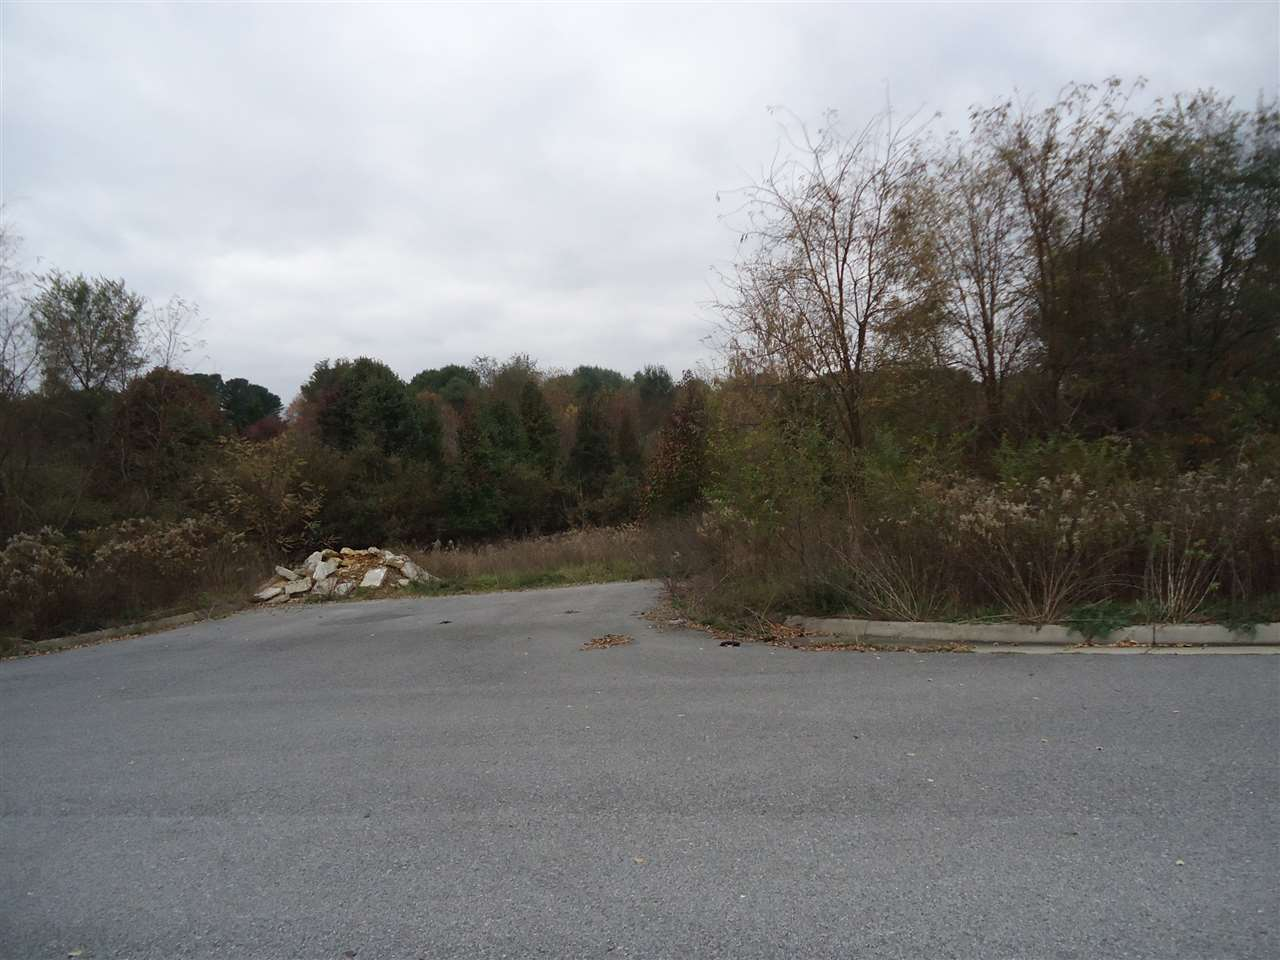 tbd Lot 4 PRATTS RUN LN,WAYNESBORO,Virginia 22980,Land,tbd Lot 4 PRATTS RUN LN,569204 MLS # 569204